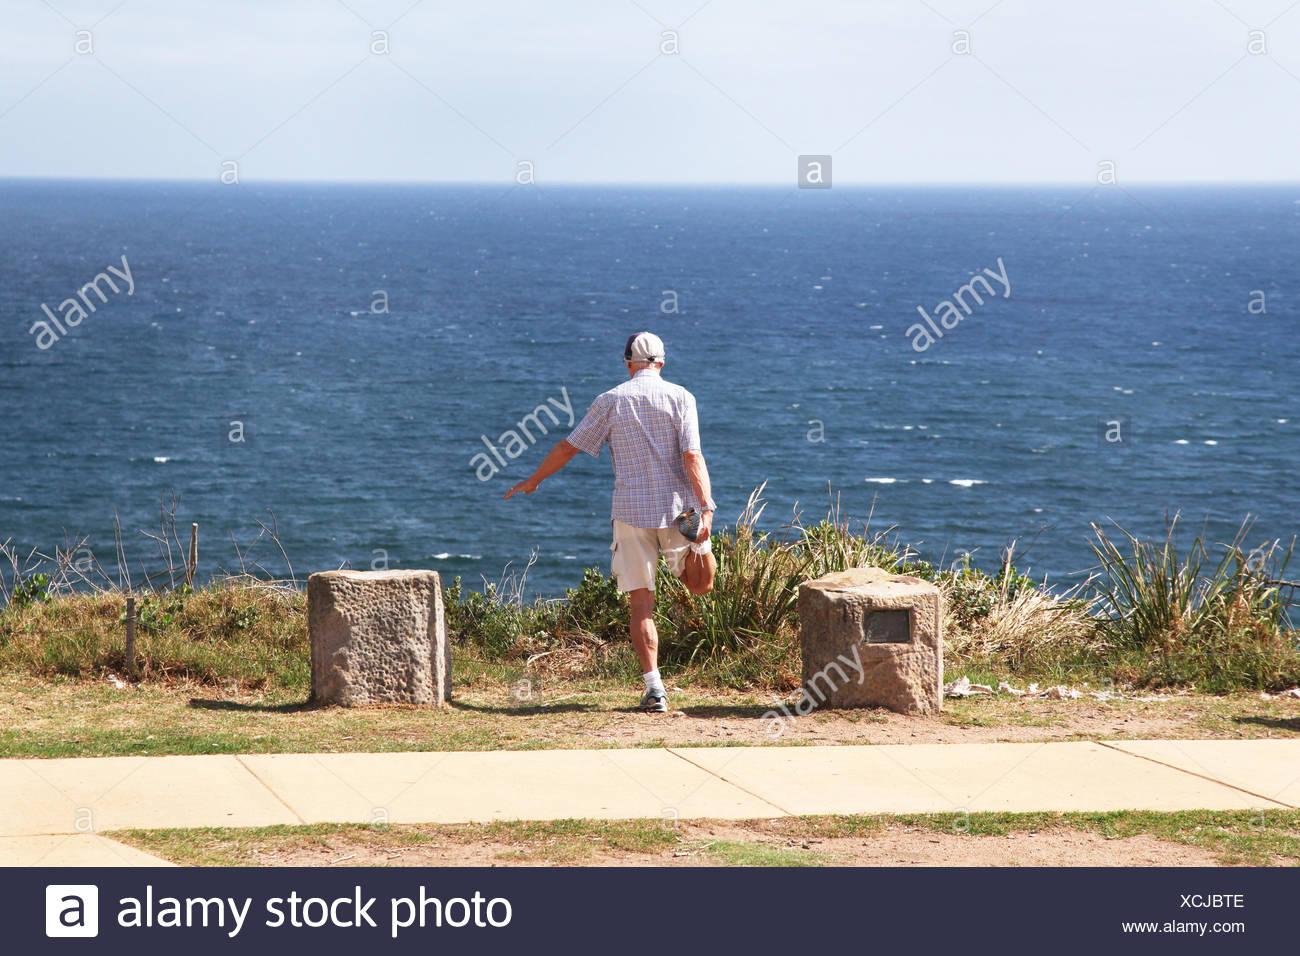 Australia, Nuovo Galles del Sud, Sydney, uomo avente idoneità di fronte Oceano Pacifico Immagini Stock